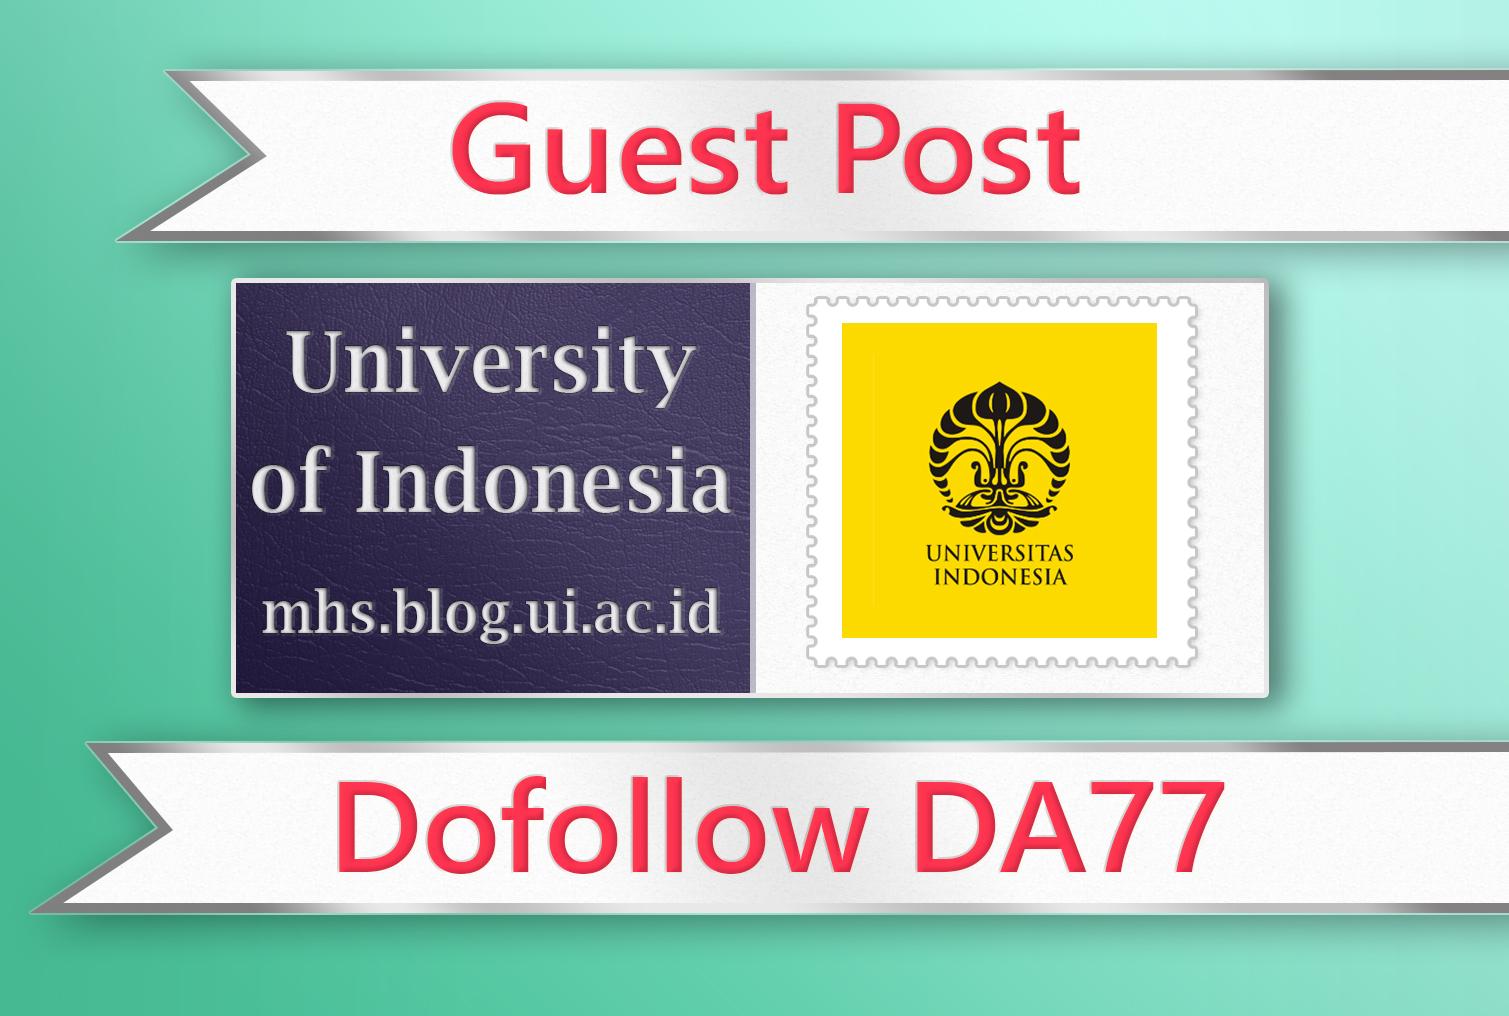 Guest post on Indonesia EDU - DA77